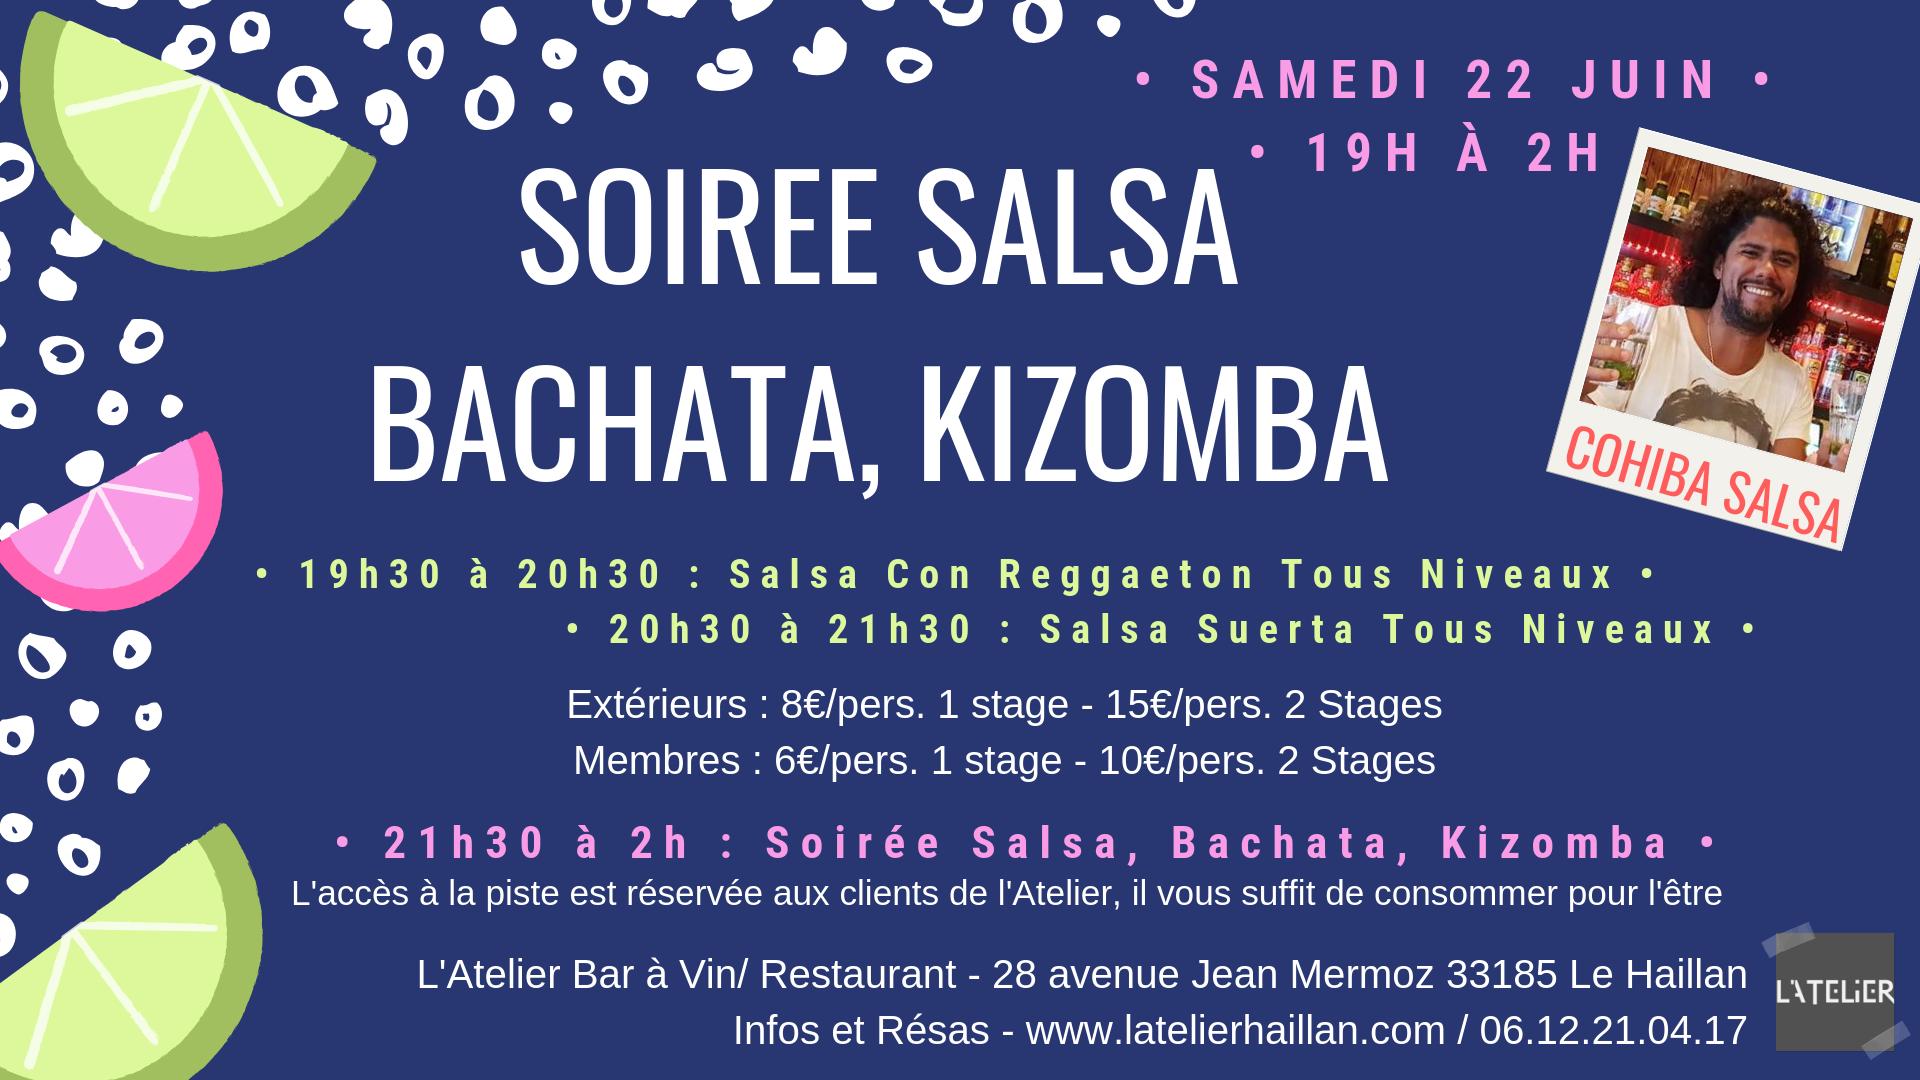 Soirée Salsa, Bachata, Kizomba avec Cohiba Salsa